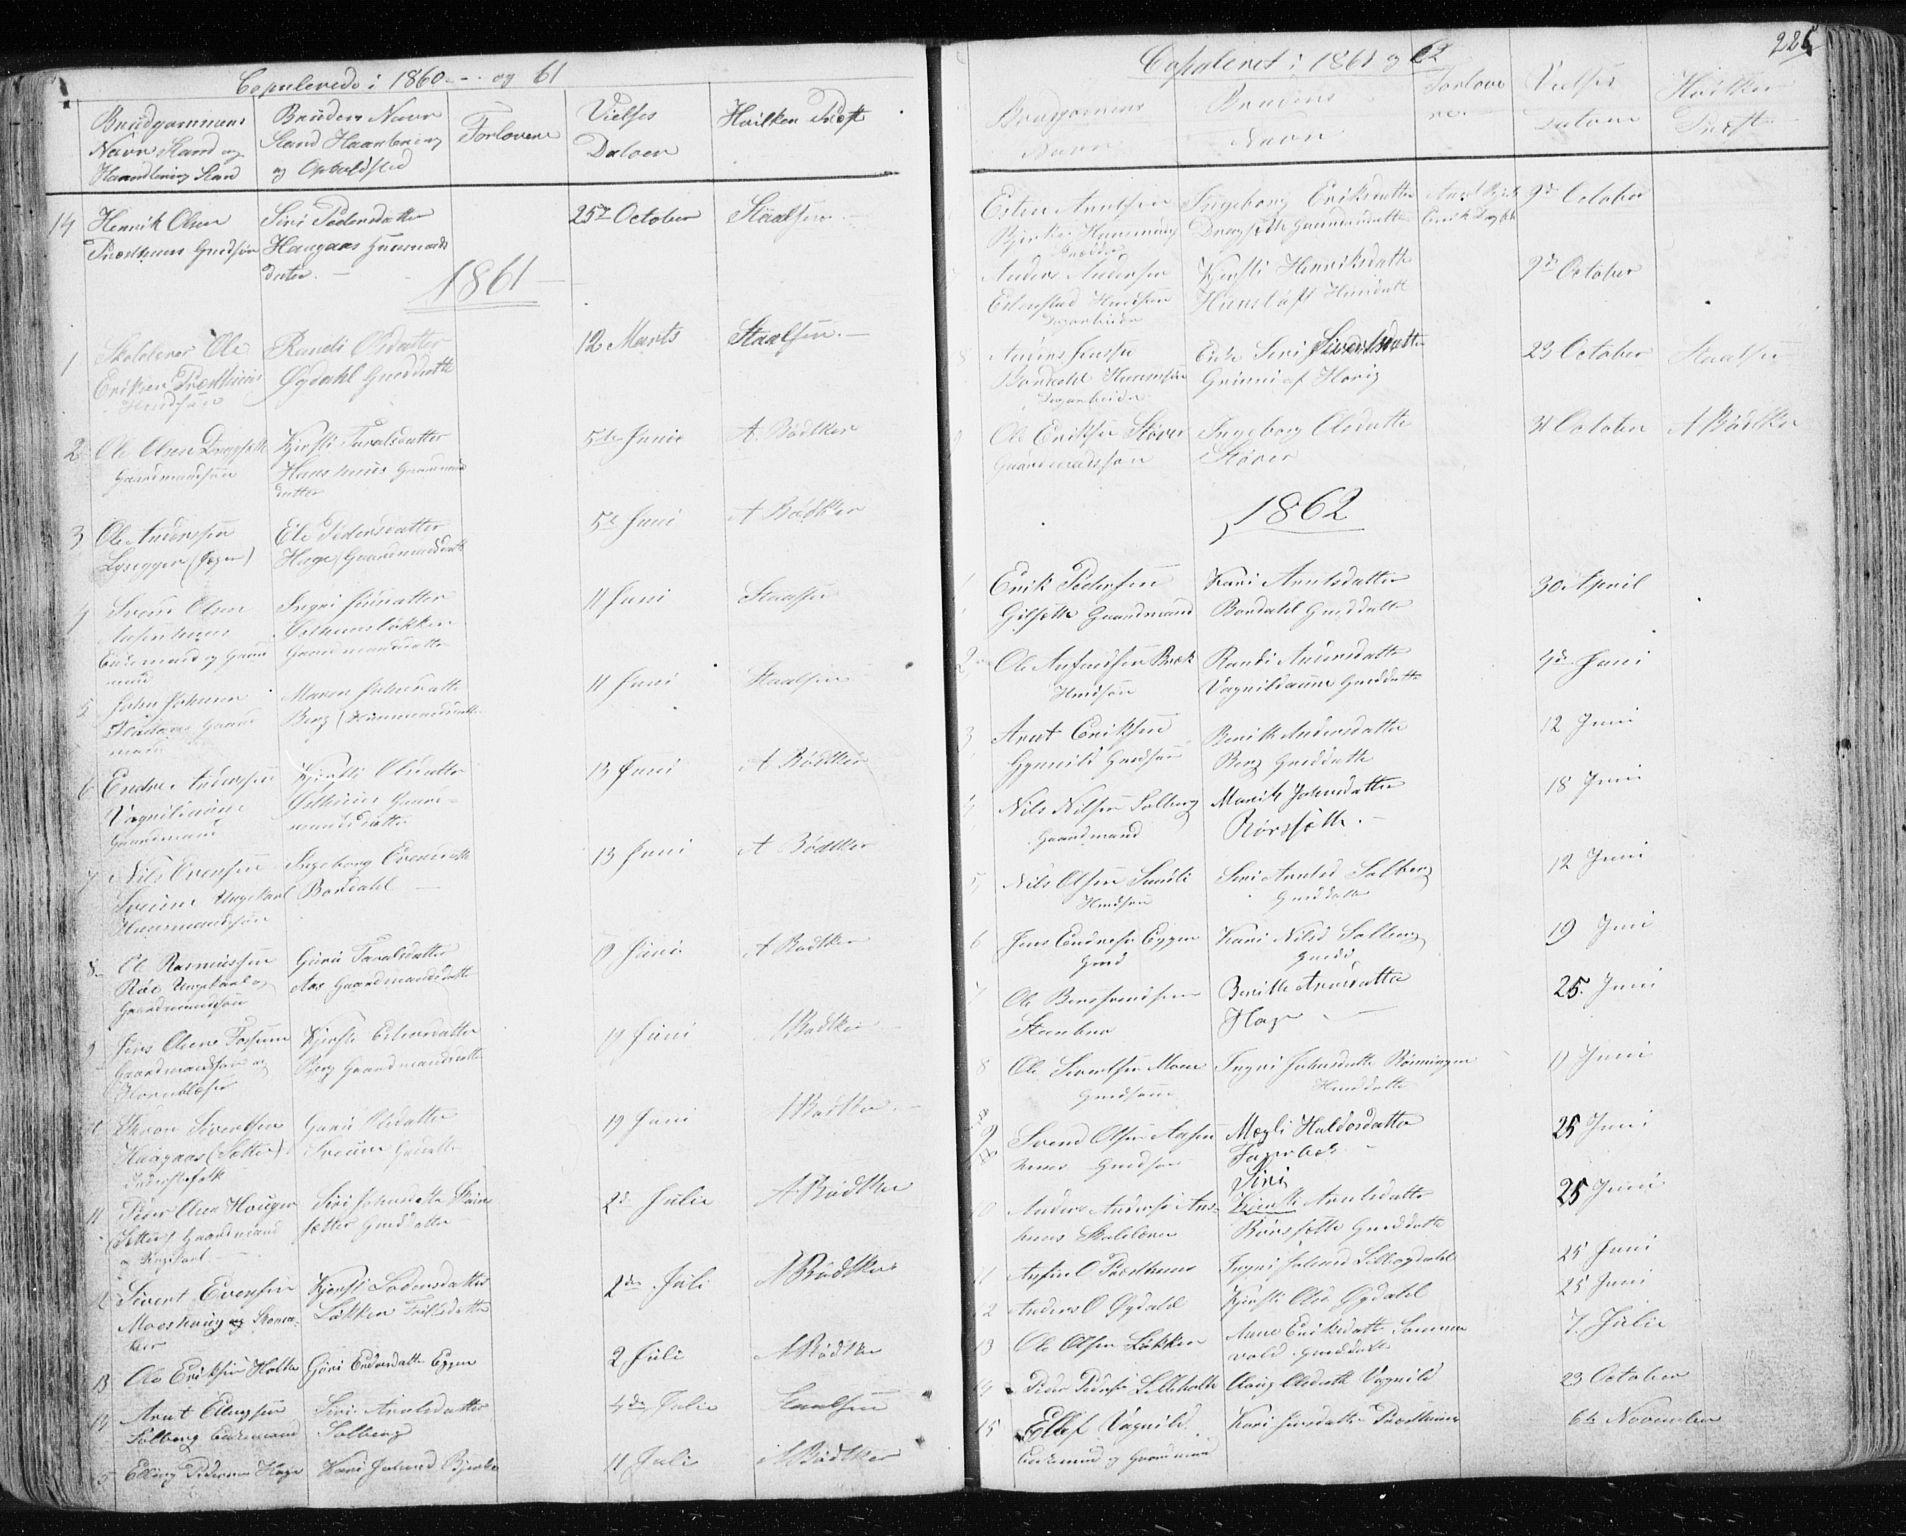 SAT, Ministerialprotokoller, klokkerbøker og fødselsregistre - Sør-Trøndelag, 689/L1043: Klokkerbok nr. 689C02, 1816-1892, s. 225